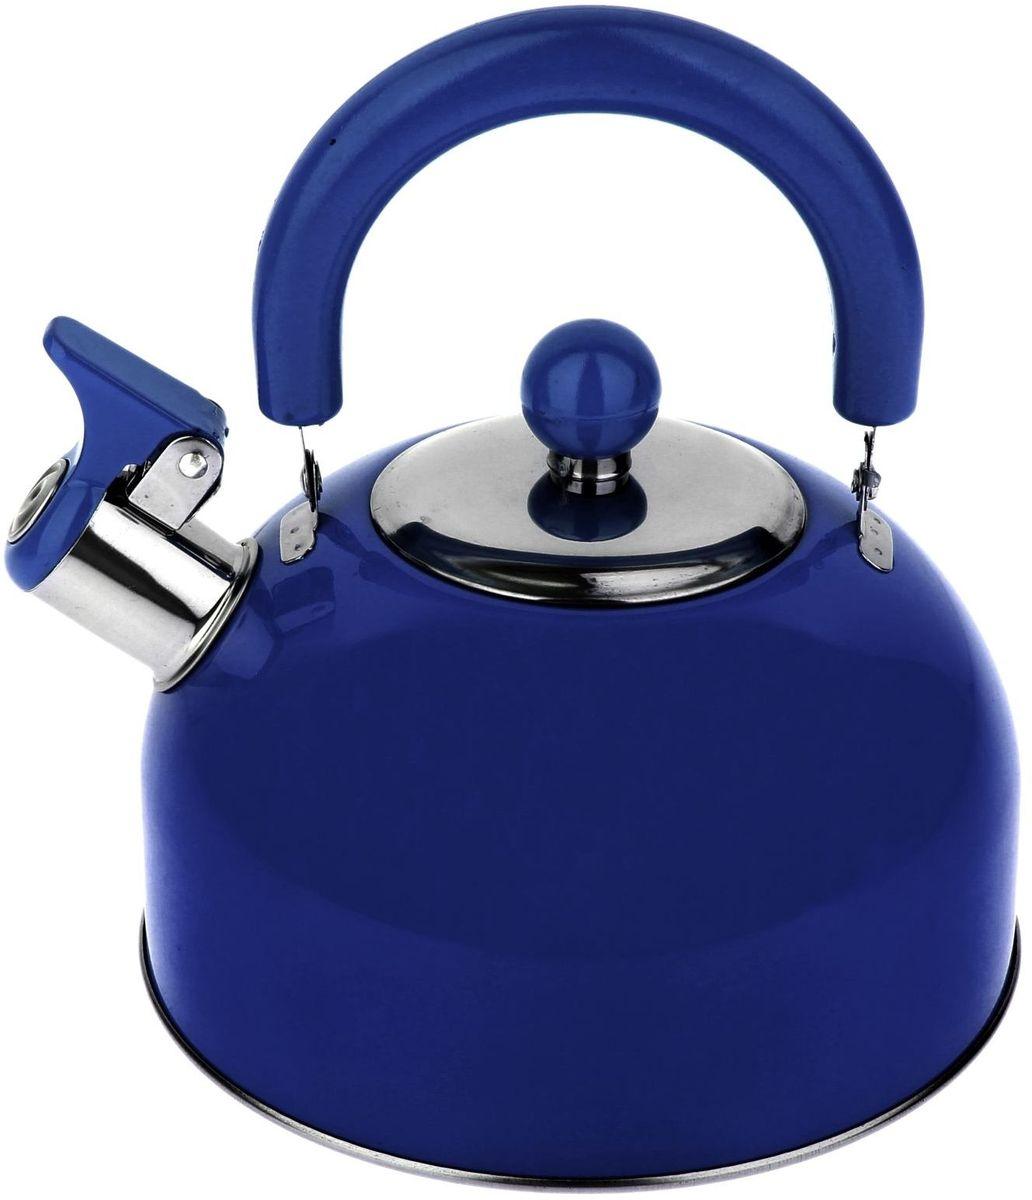 Чайник Доляна Радуга, со свистком, цвет: голубой, 2,1 л863666Бытовая посуда из нержавеющей стали славится неприхотливостью в уходе и безукоризненной функциональностью. Коррозиестойкий сплав обеспечивает гигиеничность изделий. Чайники из этого материала абсолютно безопасны для здоровья человека. Чем привлекательна посуда из нержавейки? Чайник из нержавеющей стали станет удачной находкой для дома или ресторана: благодаря низкой теплопроводности модели вода дольше остается горячей; необычный дизайн радует глаз и поднимает настроение; качественное дно гарантирует быстрый нагрев. Как продлить срок службы? Ухаживать за новым приобретением элементарно просто, но стоит помнить о нескольких нехитрых правилах. Во-первых, не следует применять абразивные инструменты и сильнохлорированные моющие средства. Во-вторых, не оставляйте пустую посуду на плите. В-третьих, если вы уезжаете из дома на длительное время - выливайте воду из чайника. Если на внутренней поверхности изделия появились пятна, используйте для их удаления несколько капель уксусной или лимонной...